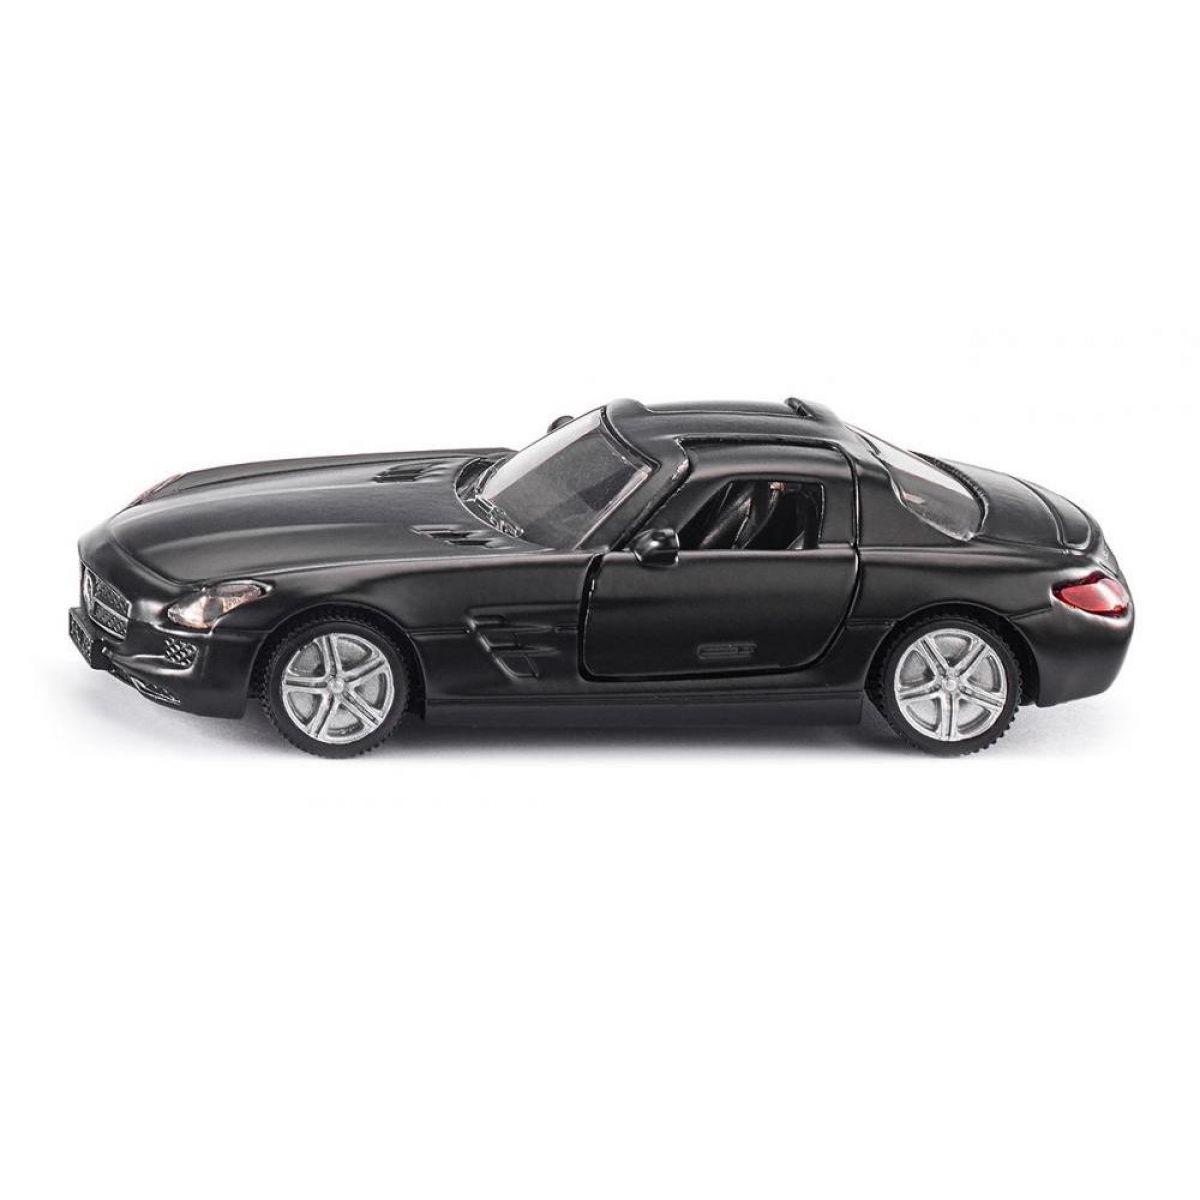 Mercedes Benz SLS AMG 1:55